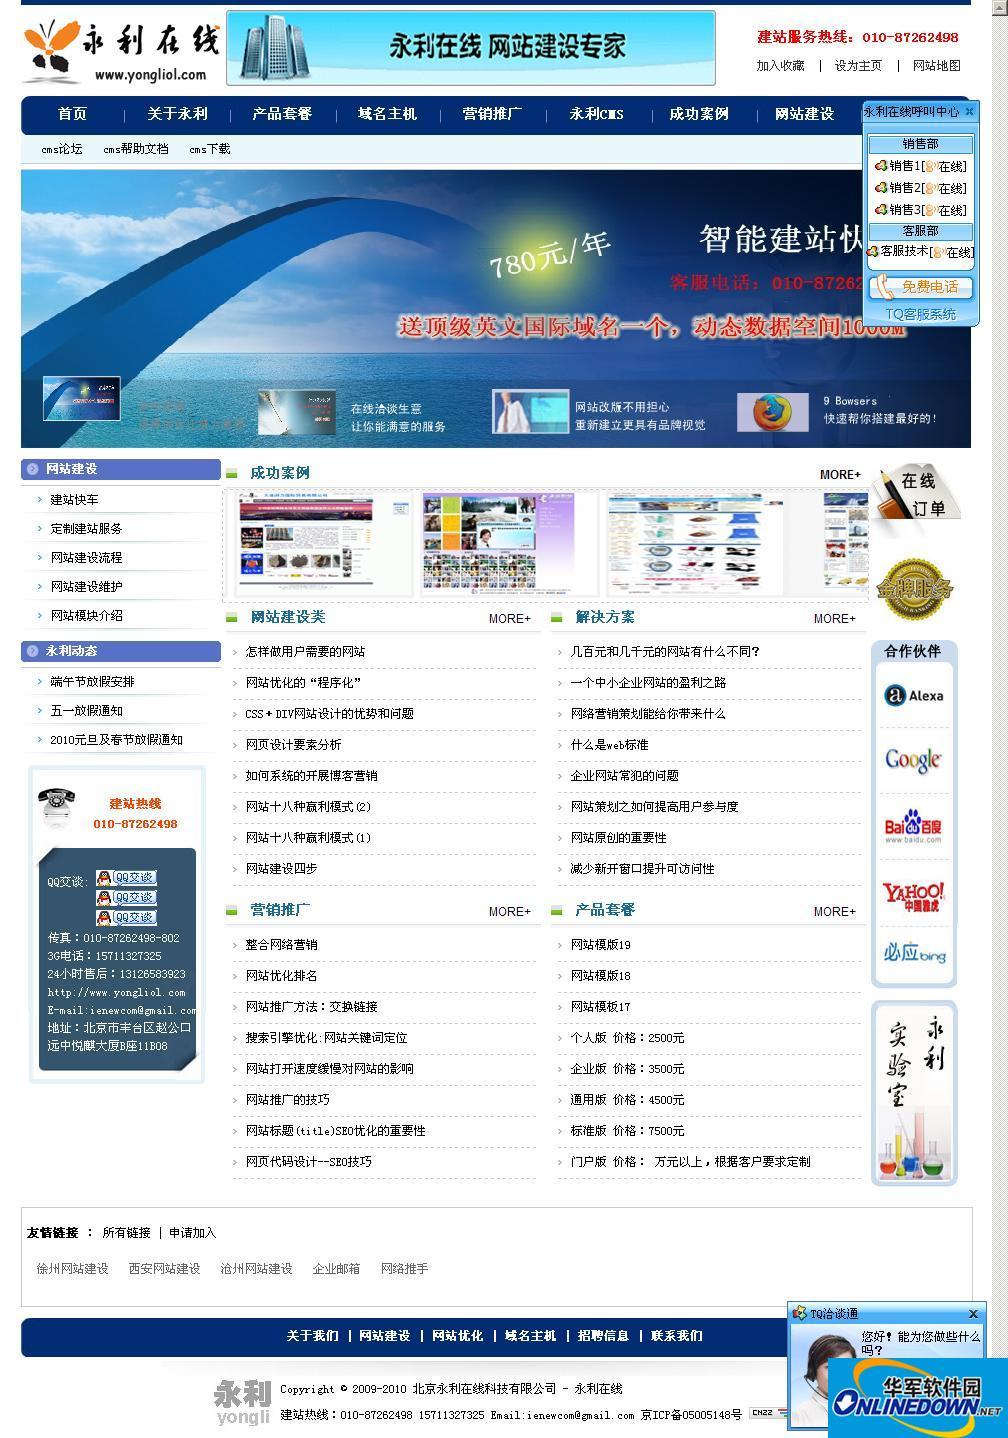 永利在线企业网站管理系统(CMS)  V1.0 Build 20100612